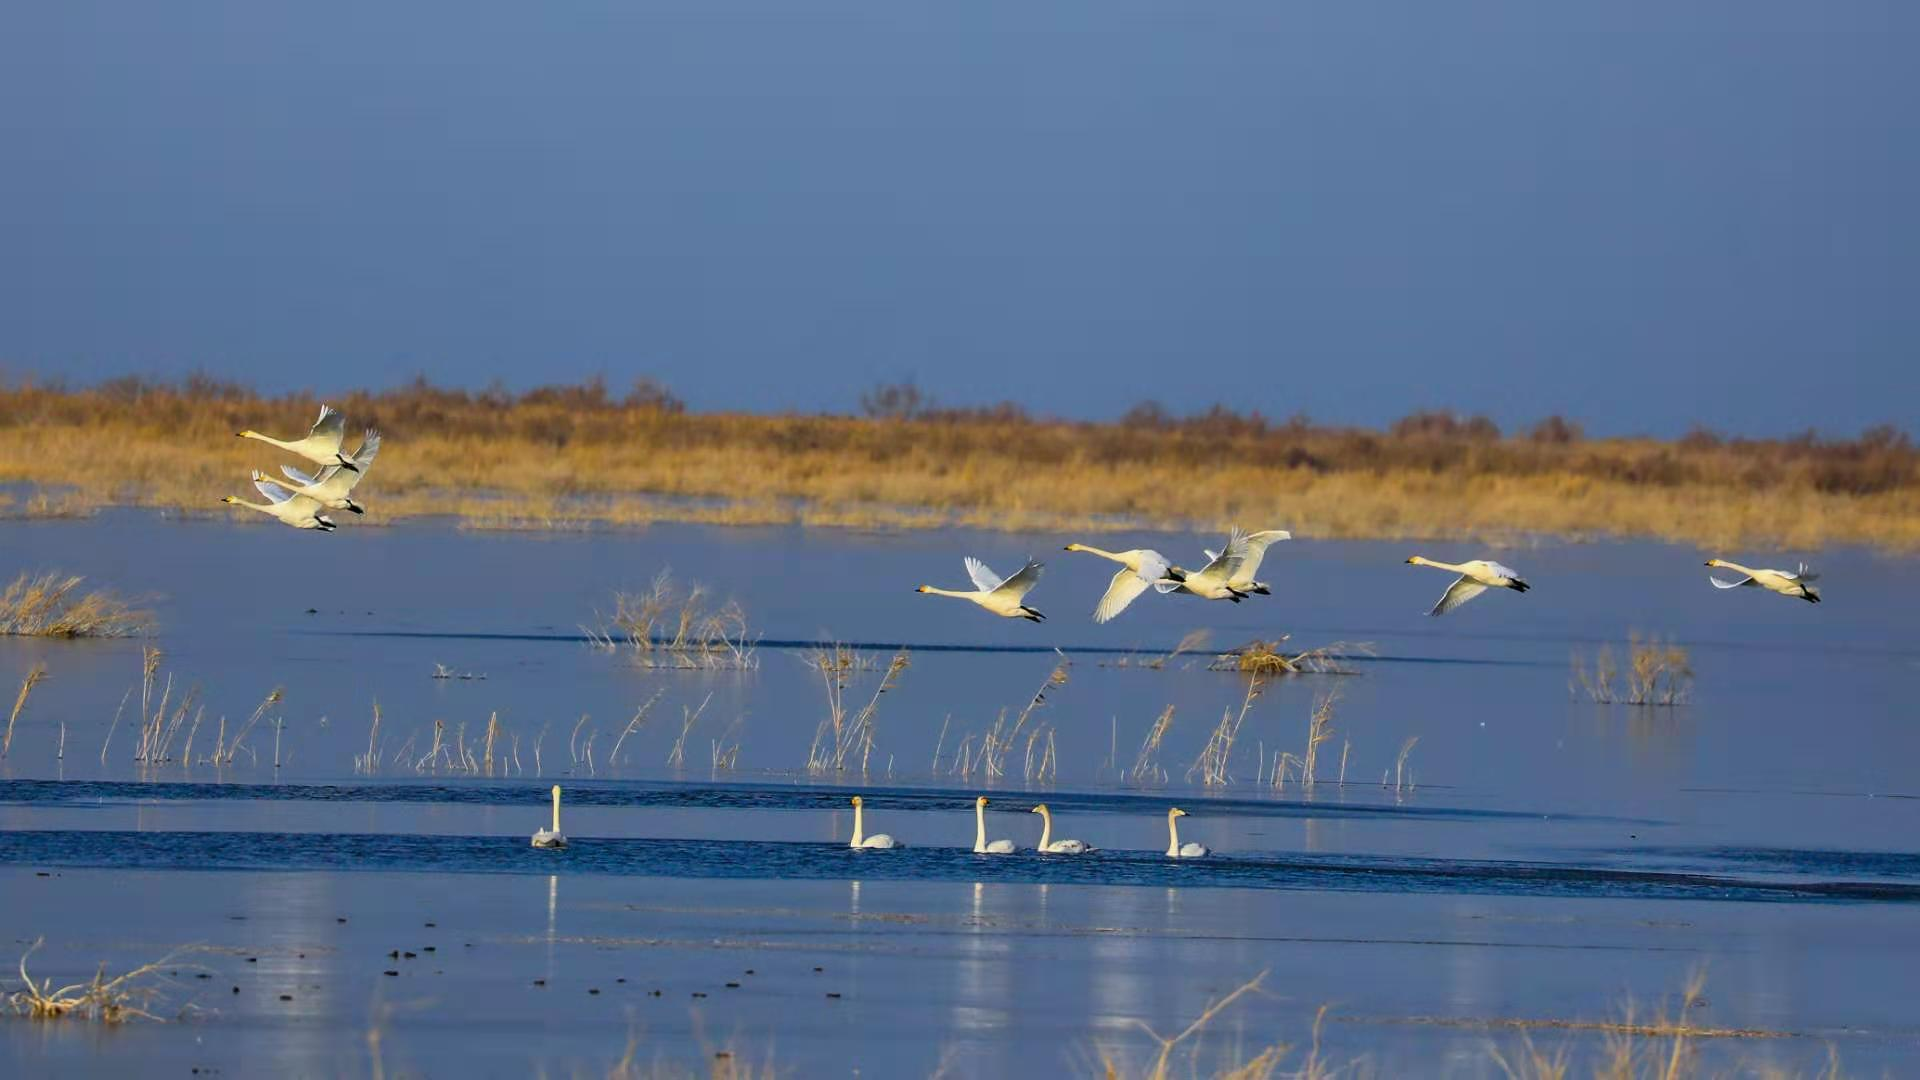 新疆博斯腾湖:芦苇摇曳天鹅舞